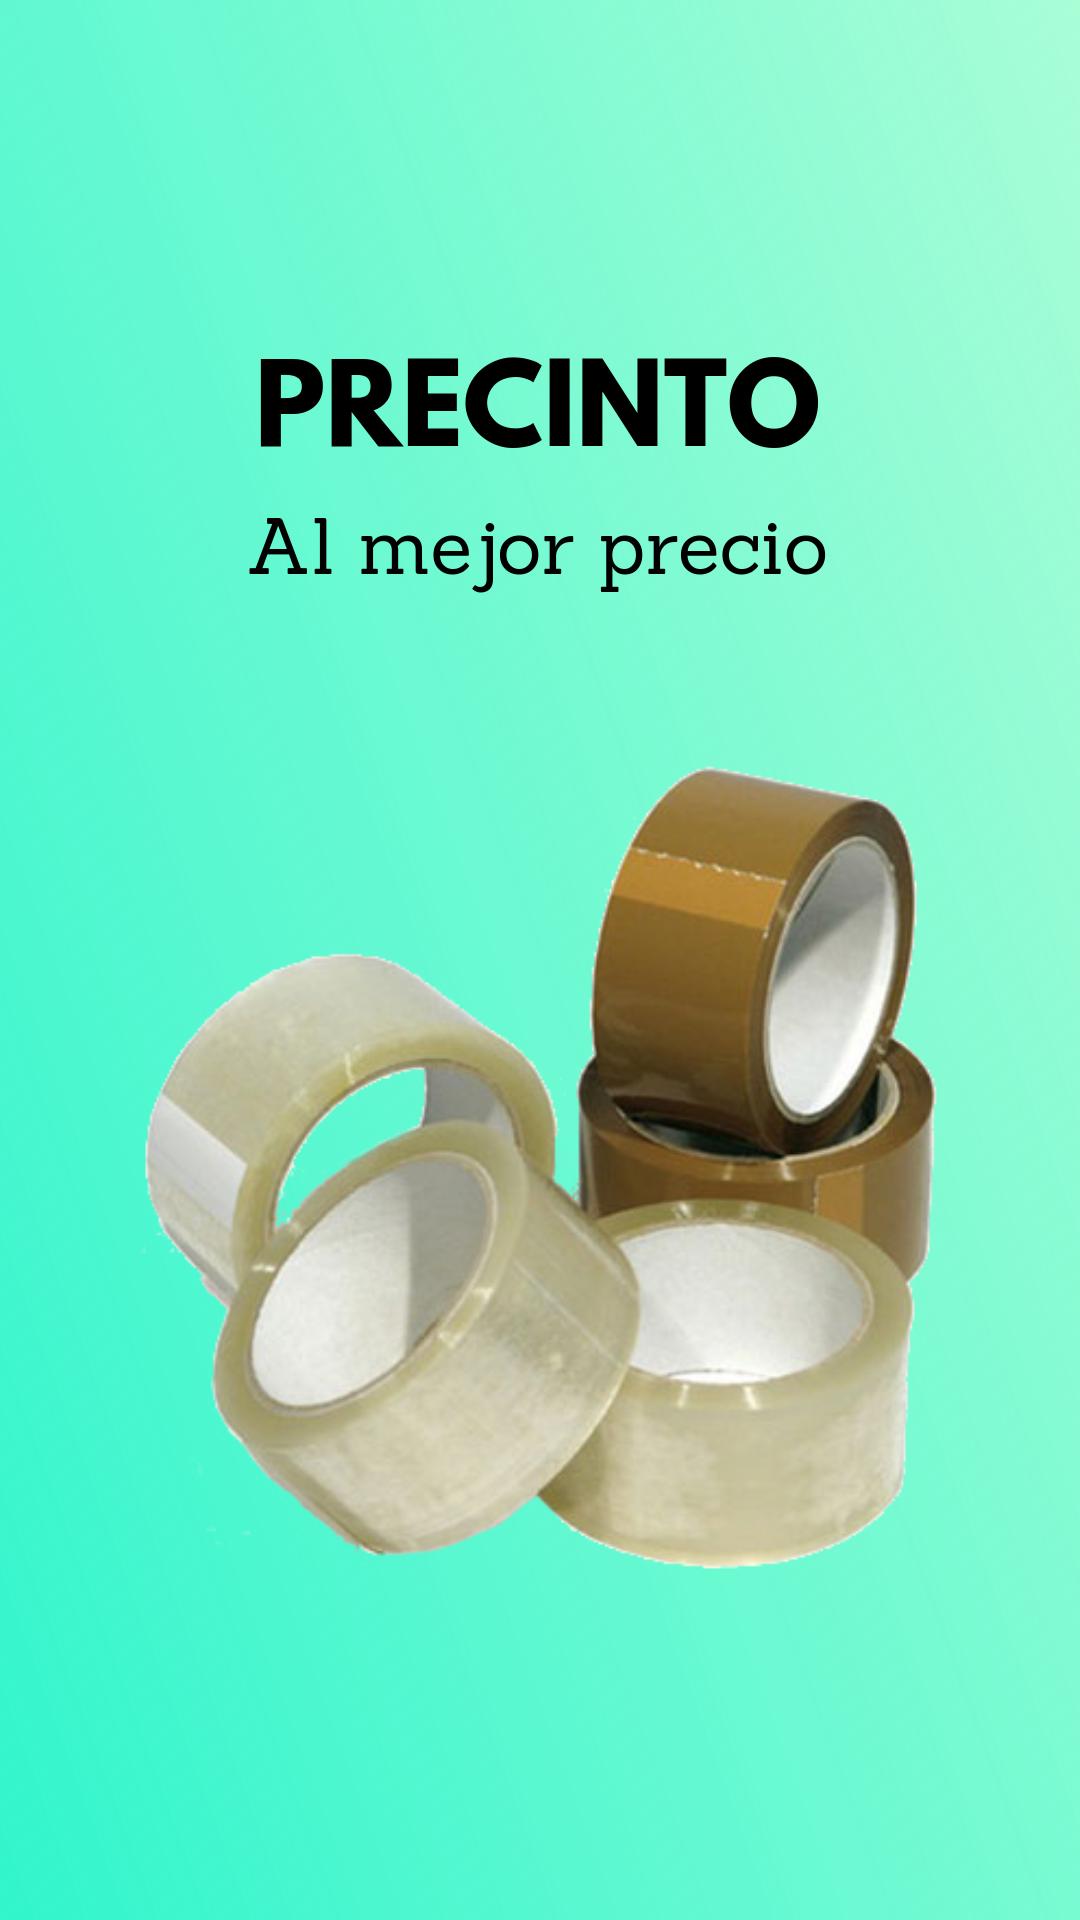 precinto_1